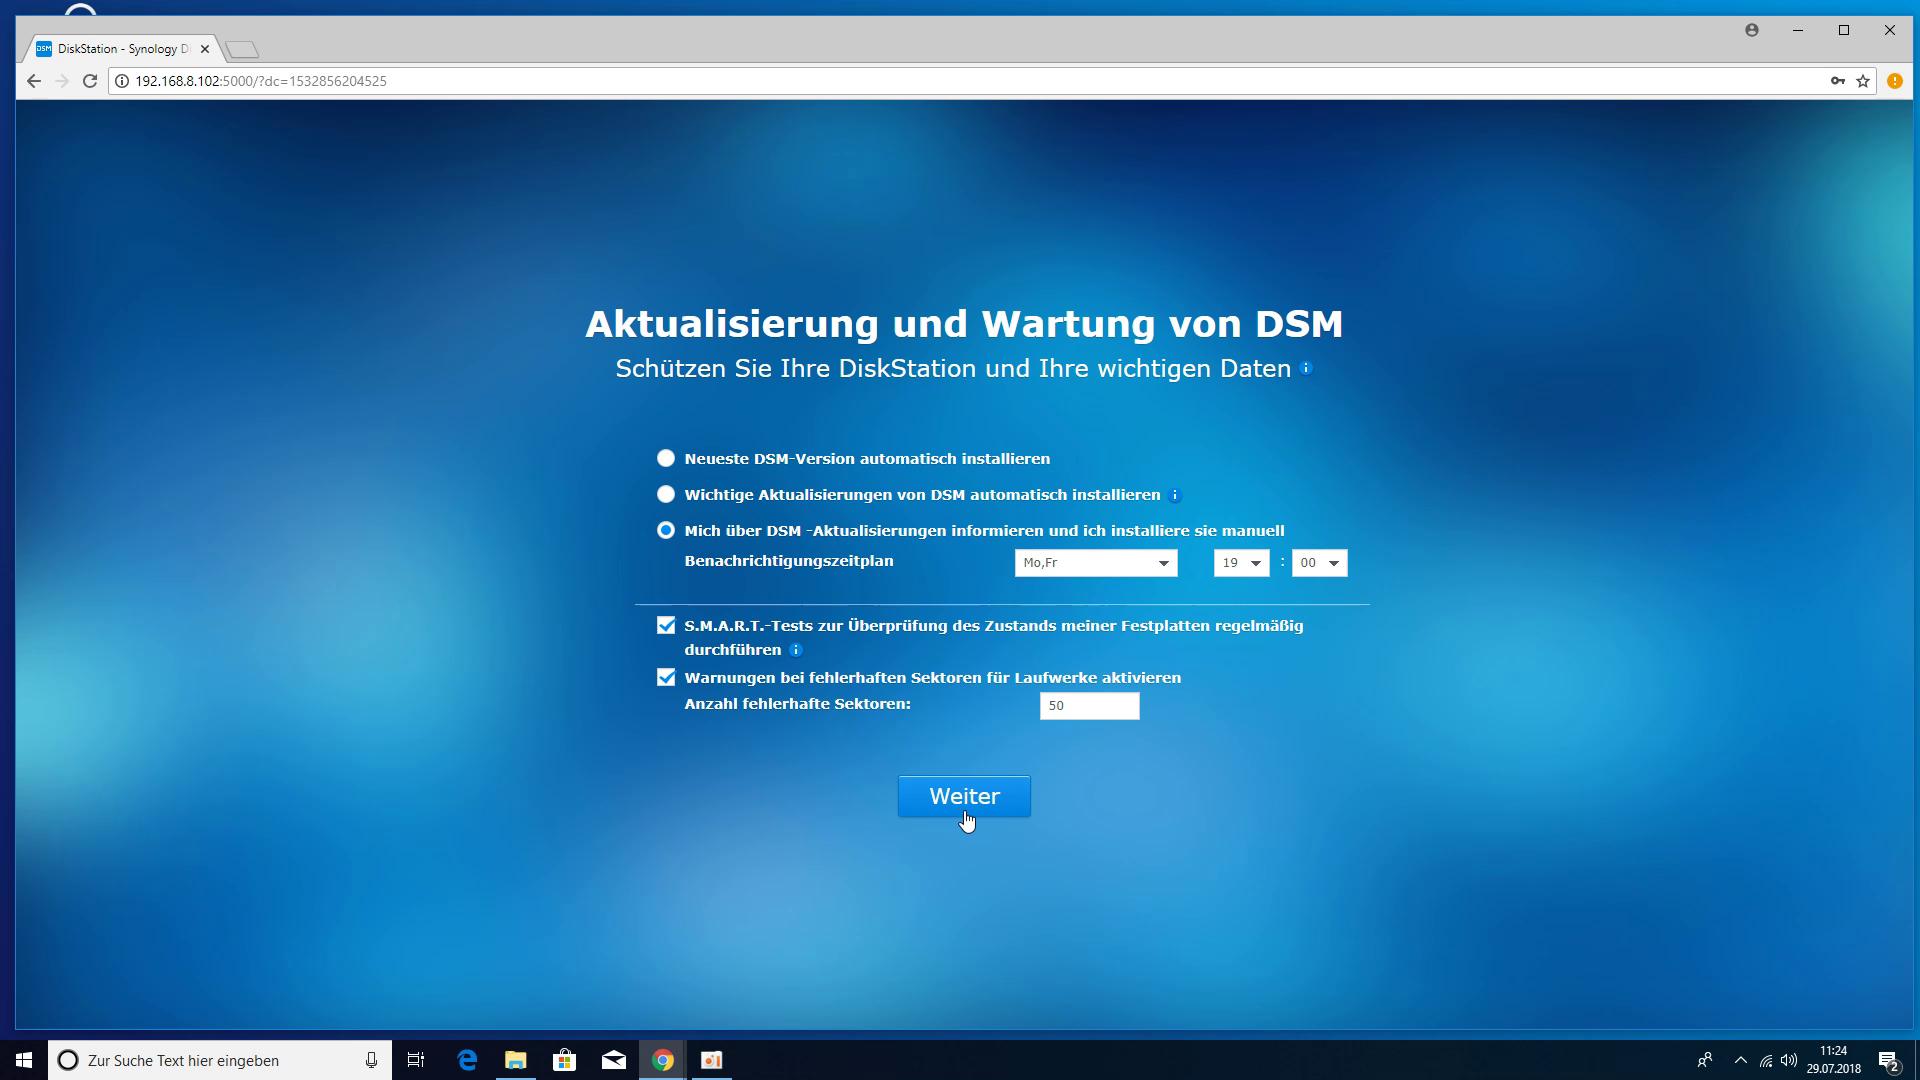 Synology DS218+ NAS - Aktualisierung und Wartung von DSM